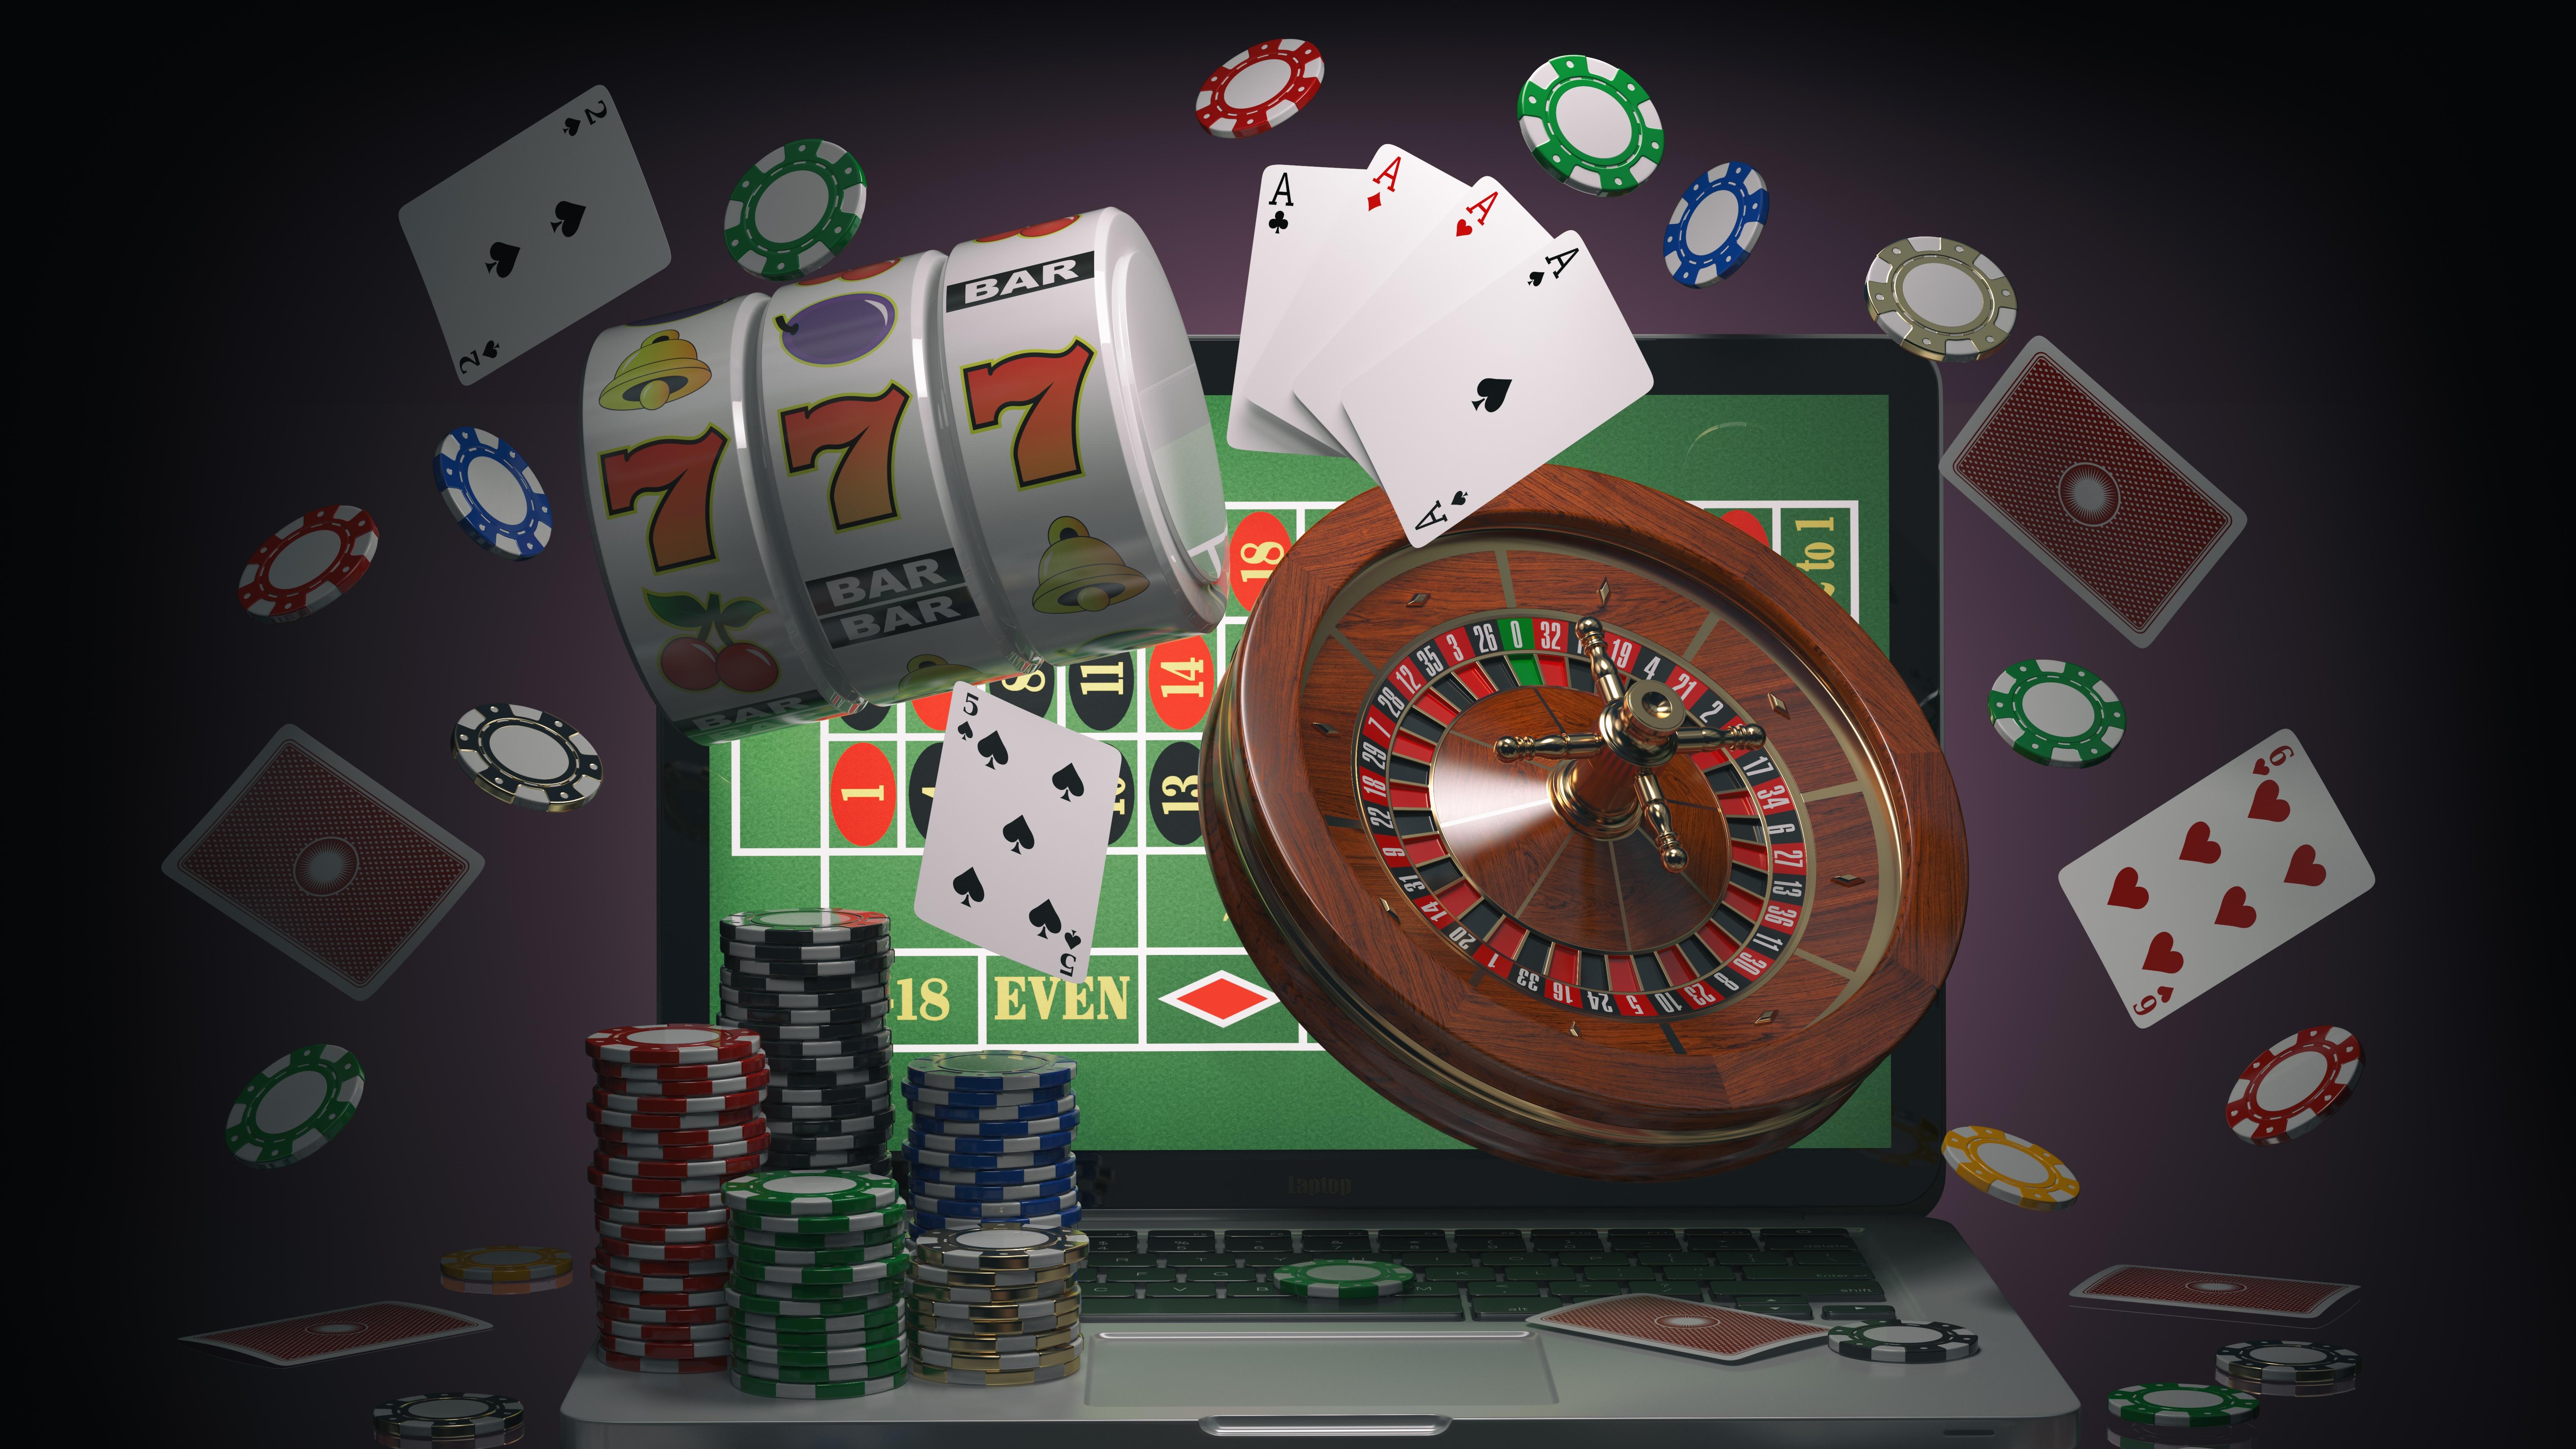 Online Glücksspiel mit Roulete, Spielkarten, Automaten und Pokerchips.